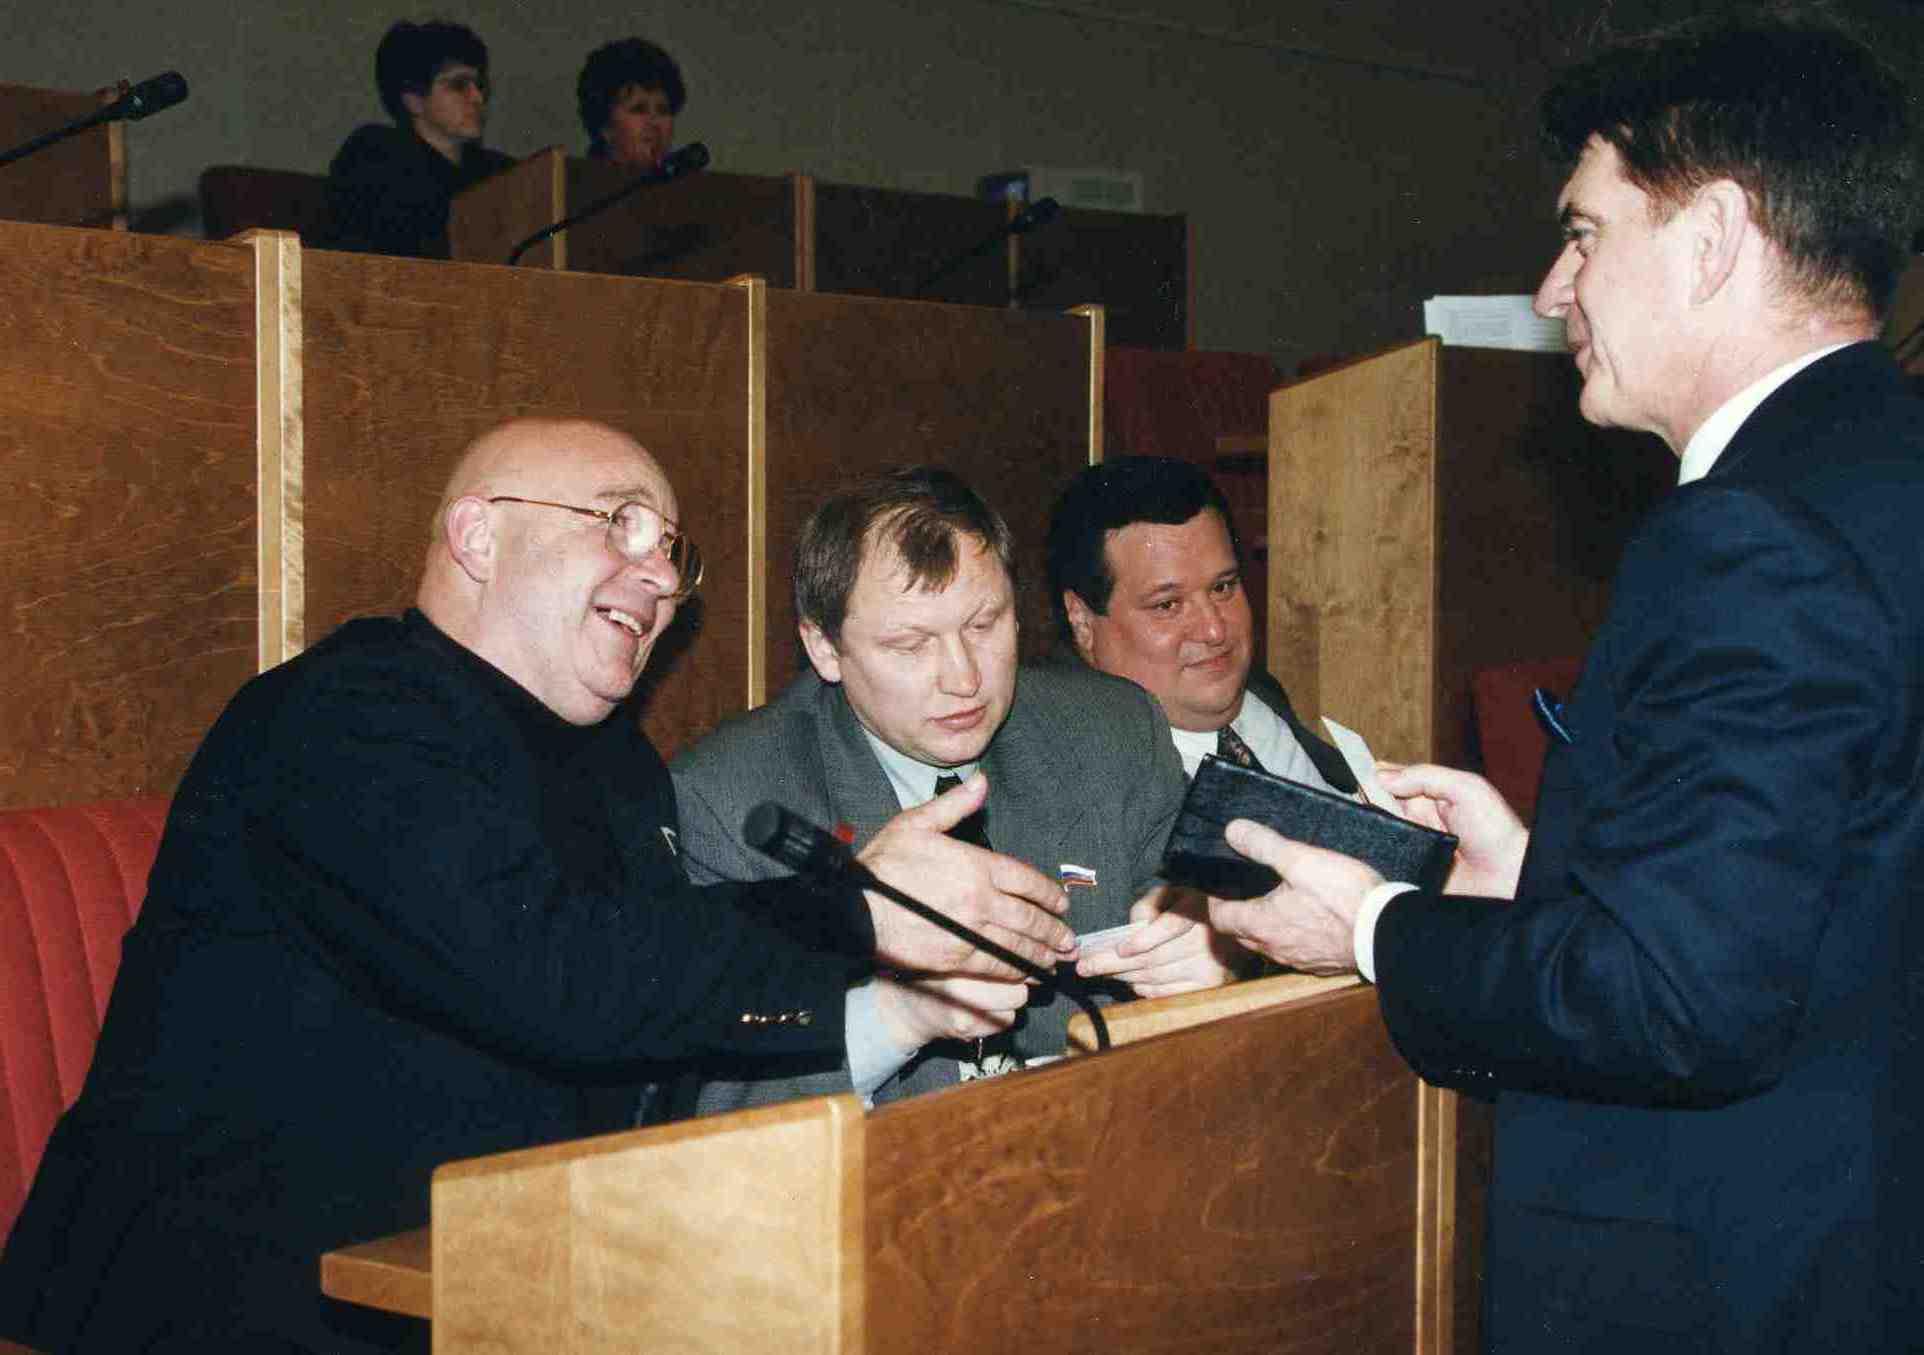 Государственная дума. Михаил Глущенко (в центре) и Галина Старовойтова с Русланом Линьковым (на заднем плане)